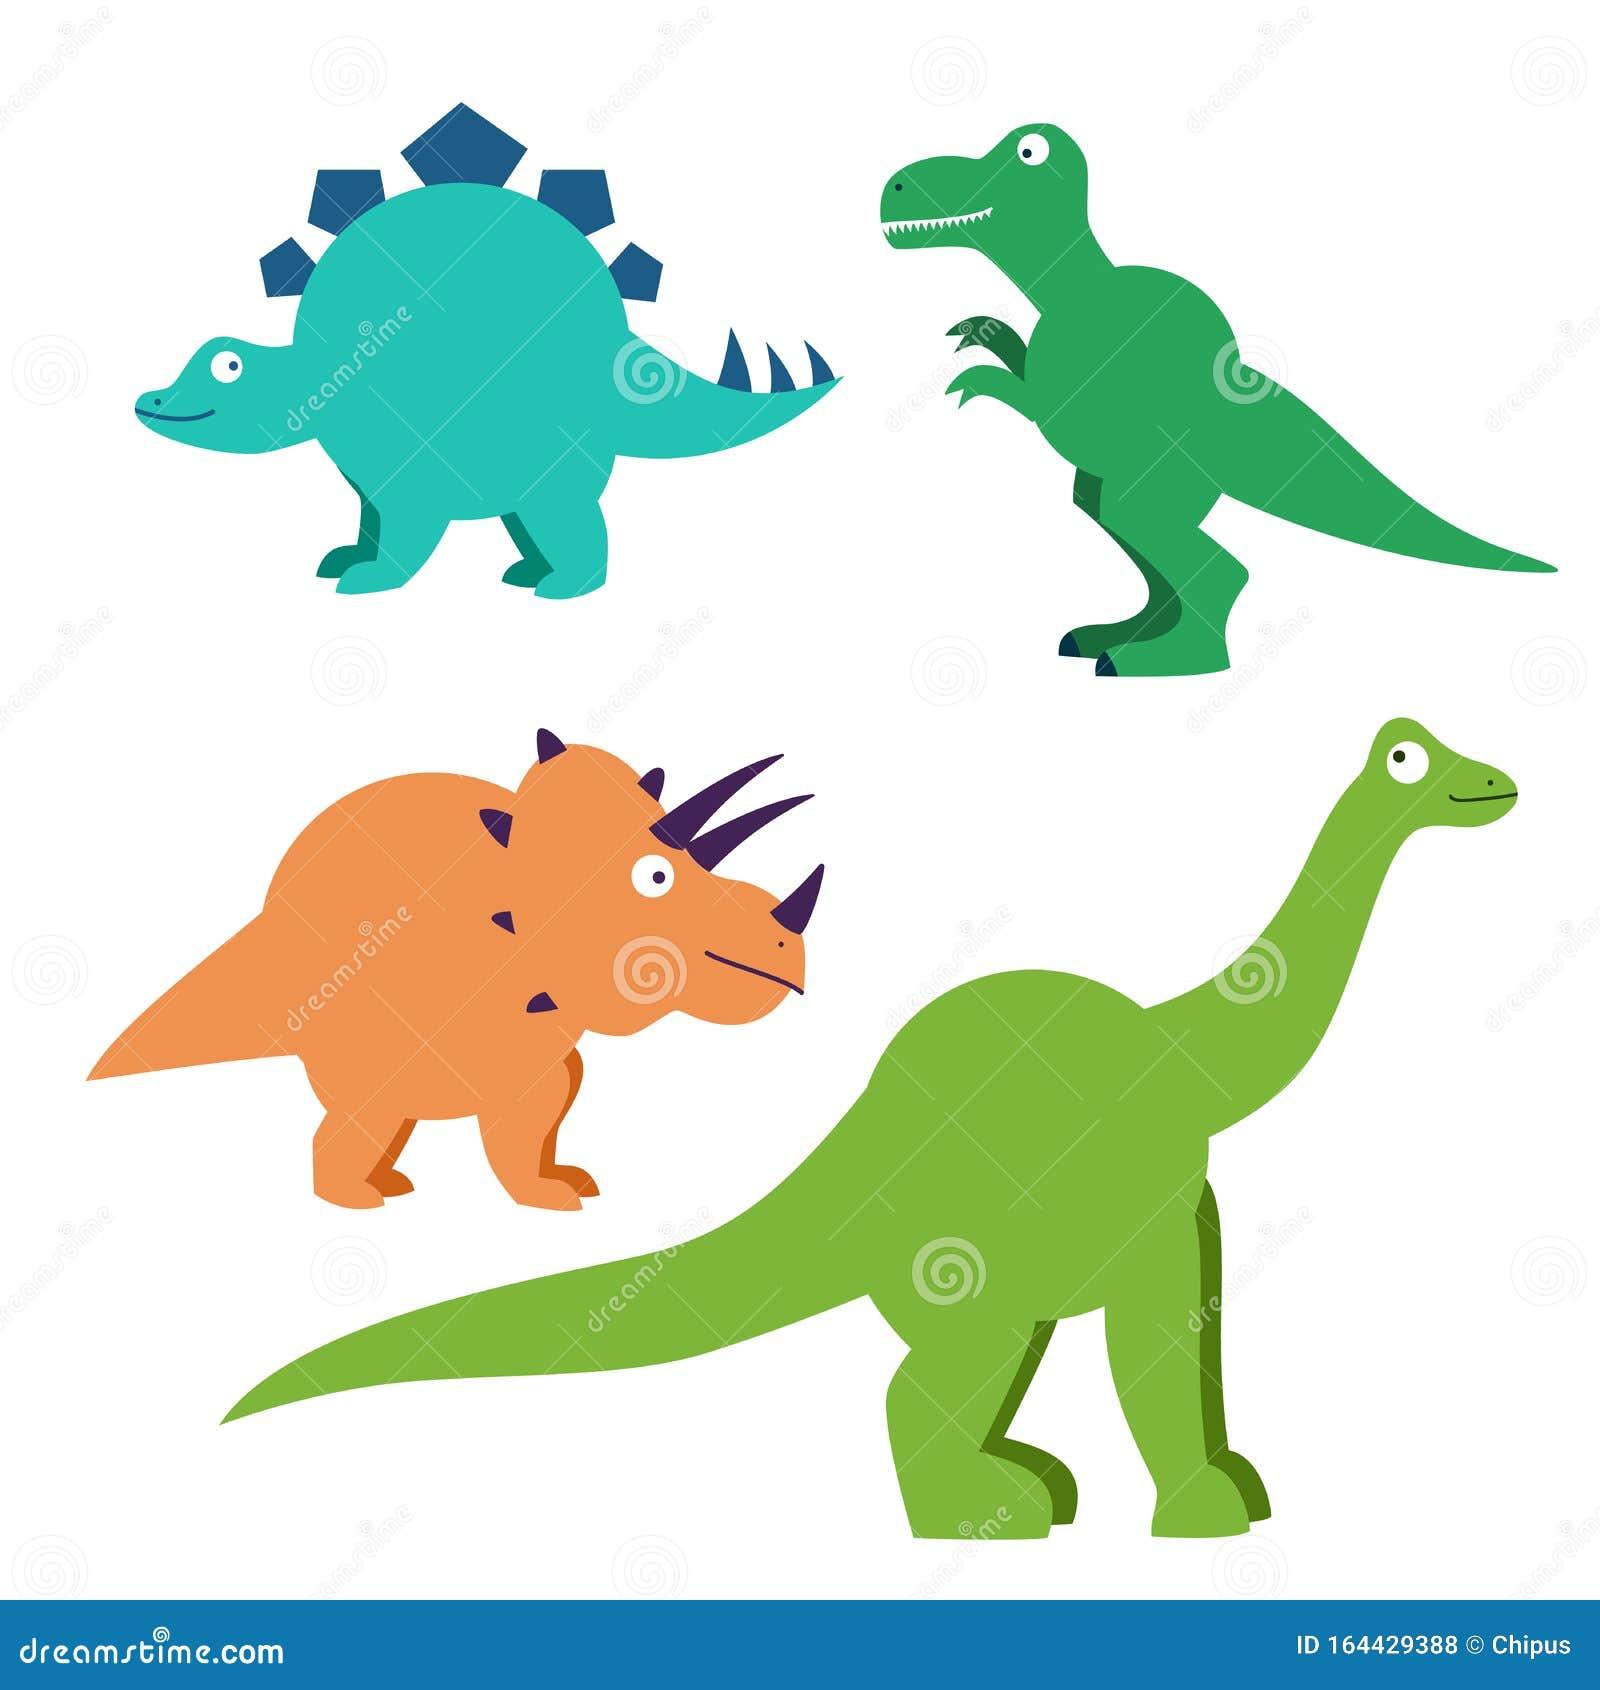 Conjunto De Personajes De Los Dinosaurios De Dibujos Animados T Rex Etc Ilustracion Del Vector Ilustracion De Animados Dibujos 164429388 Conocer el nombre de personajes de dibujos animados es el primer paso, y luego ya vamos sabiendo cuales. dibujos animados t rex etc